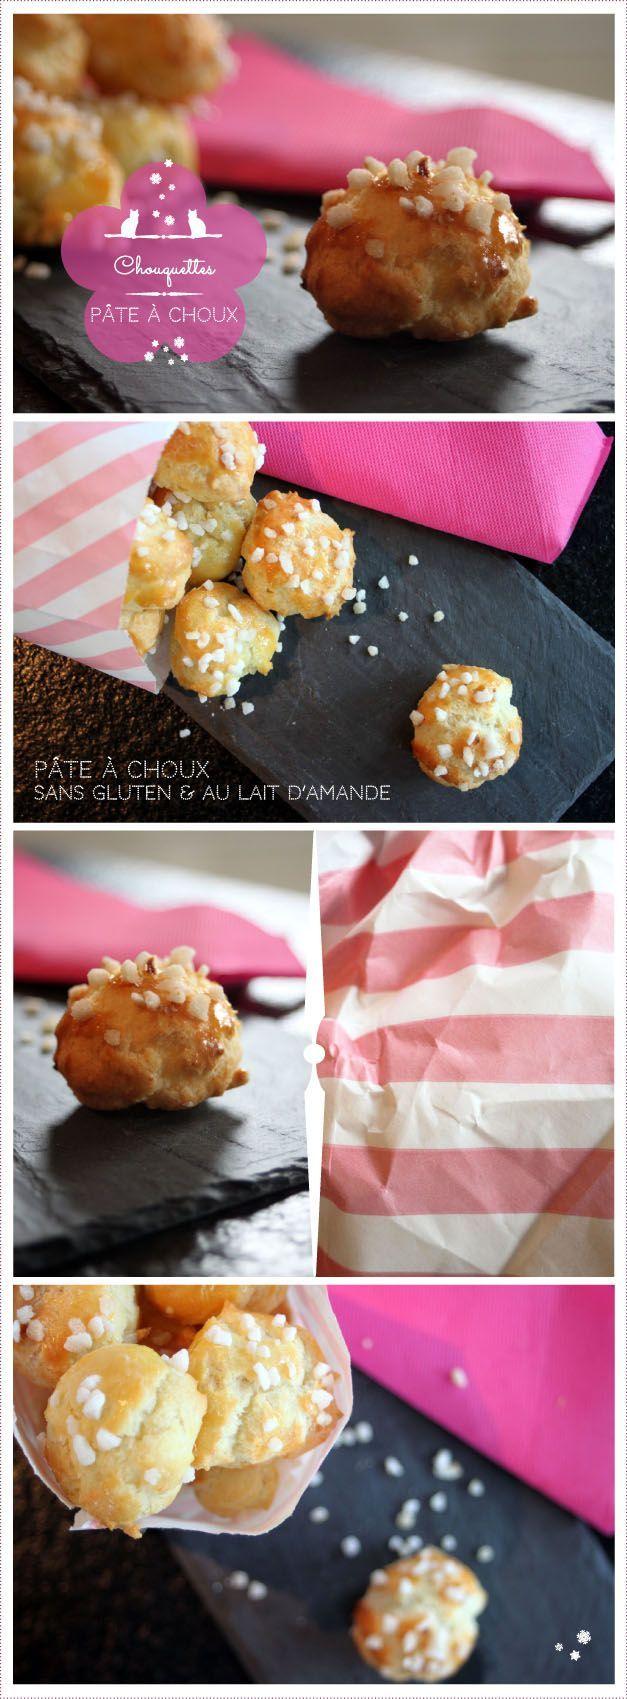 super recette de pâte à choux sans gluten ! (faite avec mix farine de riz / maëzena)